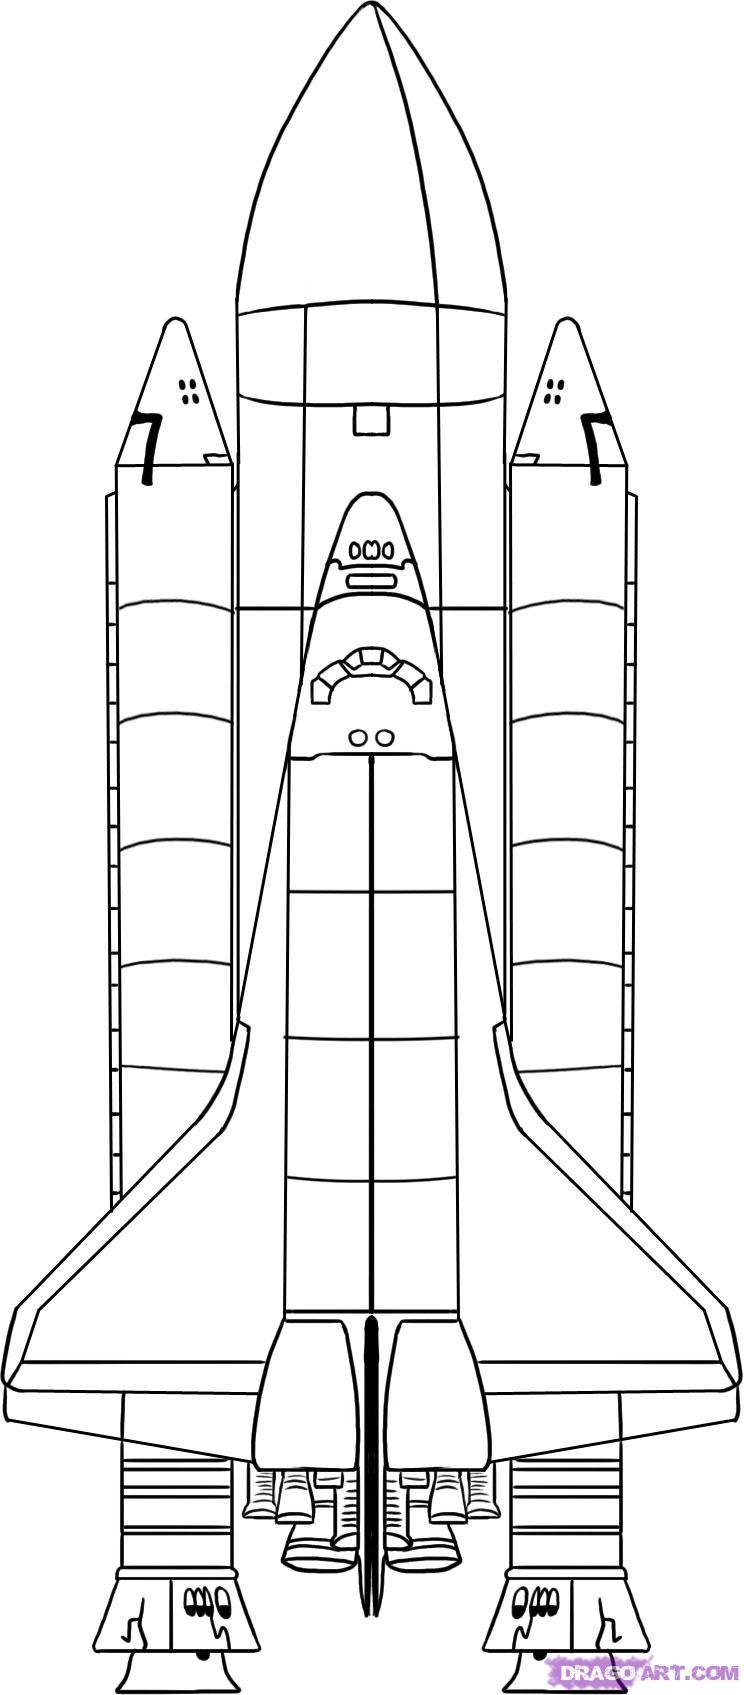 Rocket Ruimte Thema Het Heelal Ruimtevaart